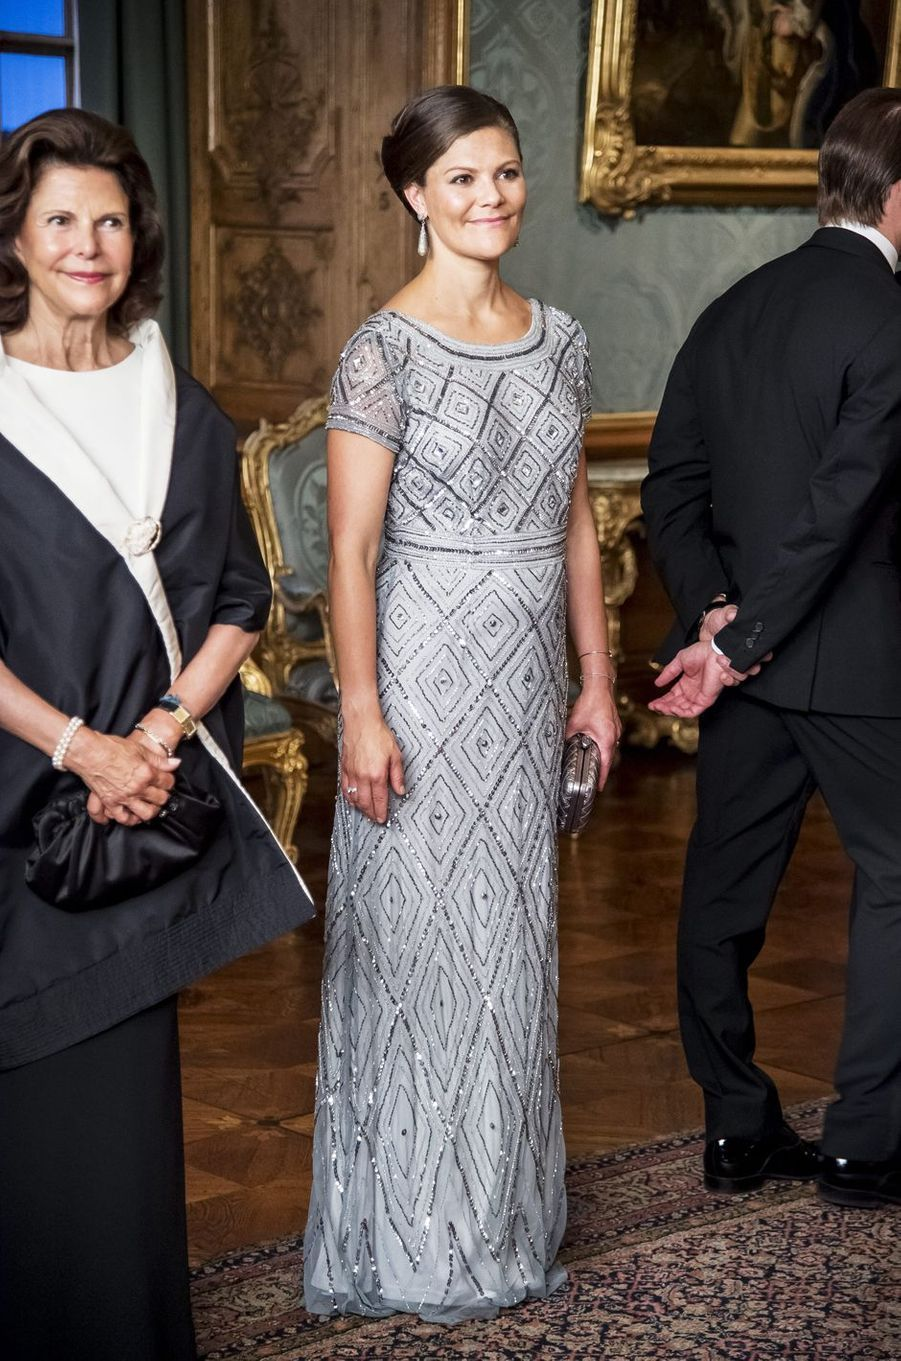 La princesse Victoria de Suède dans une robe Adrianna Papell, le 4 septembre 2015